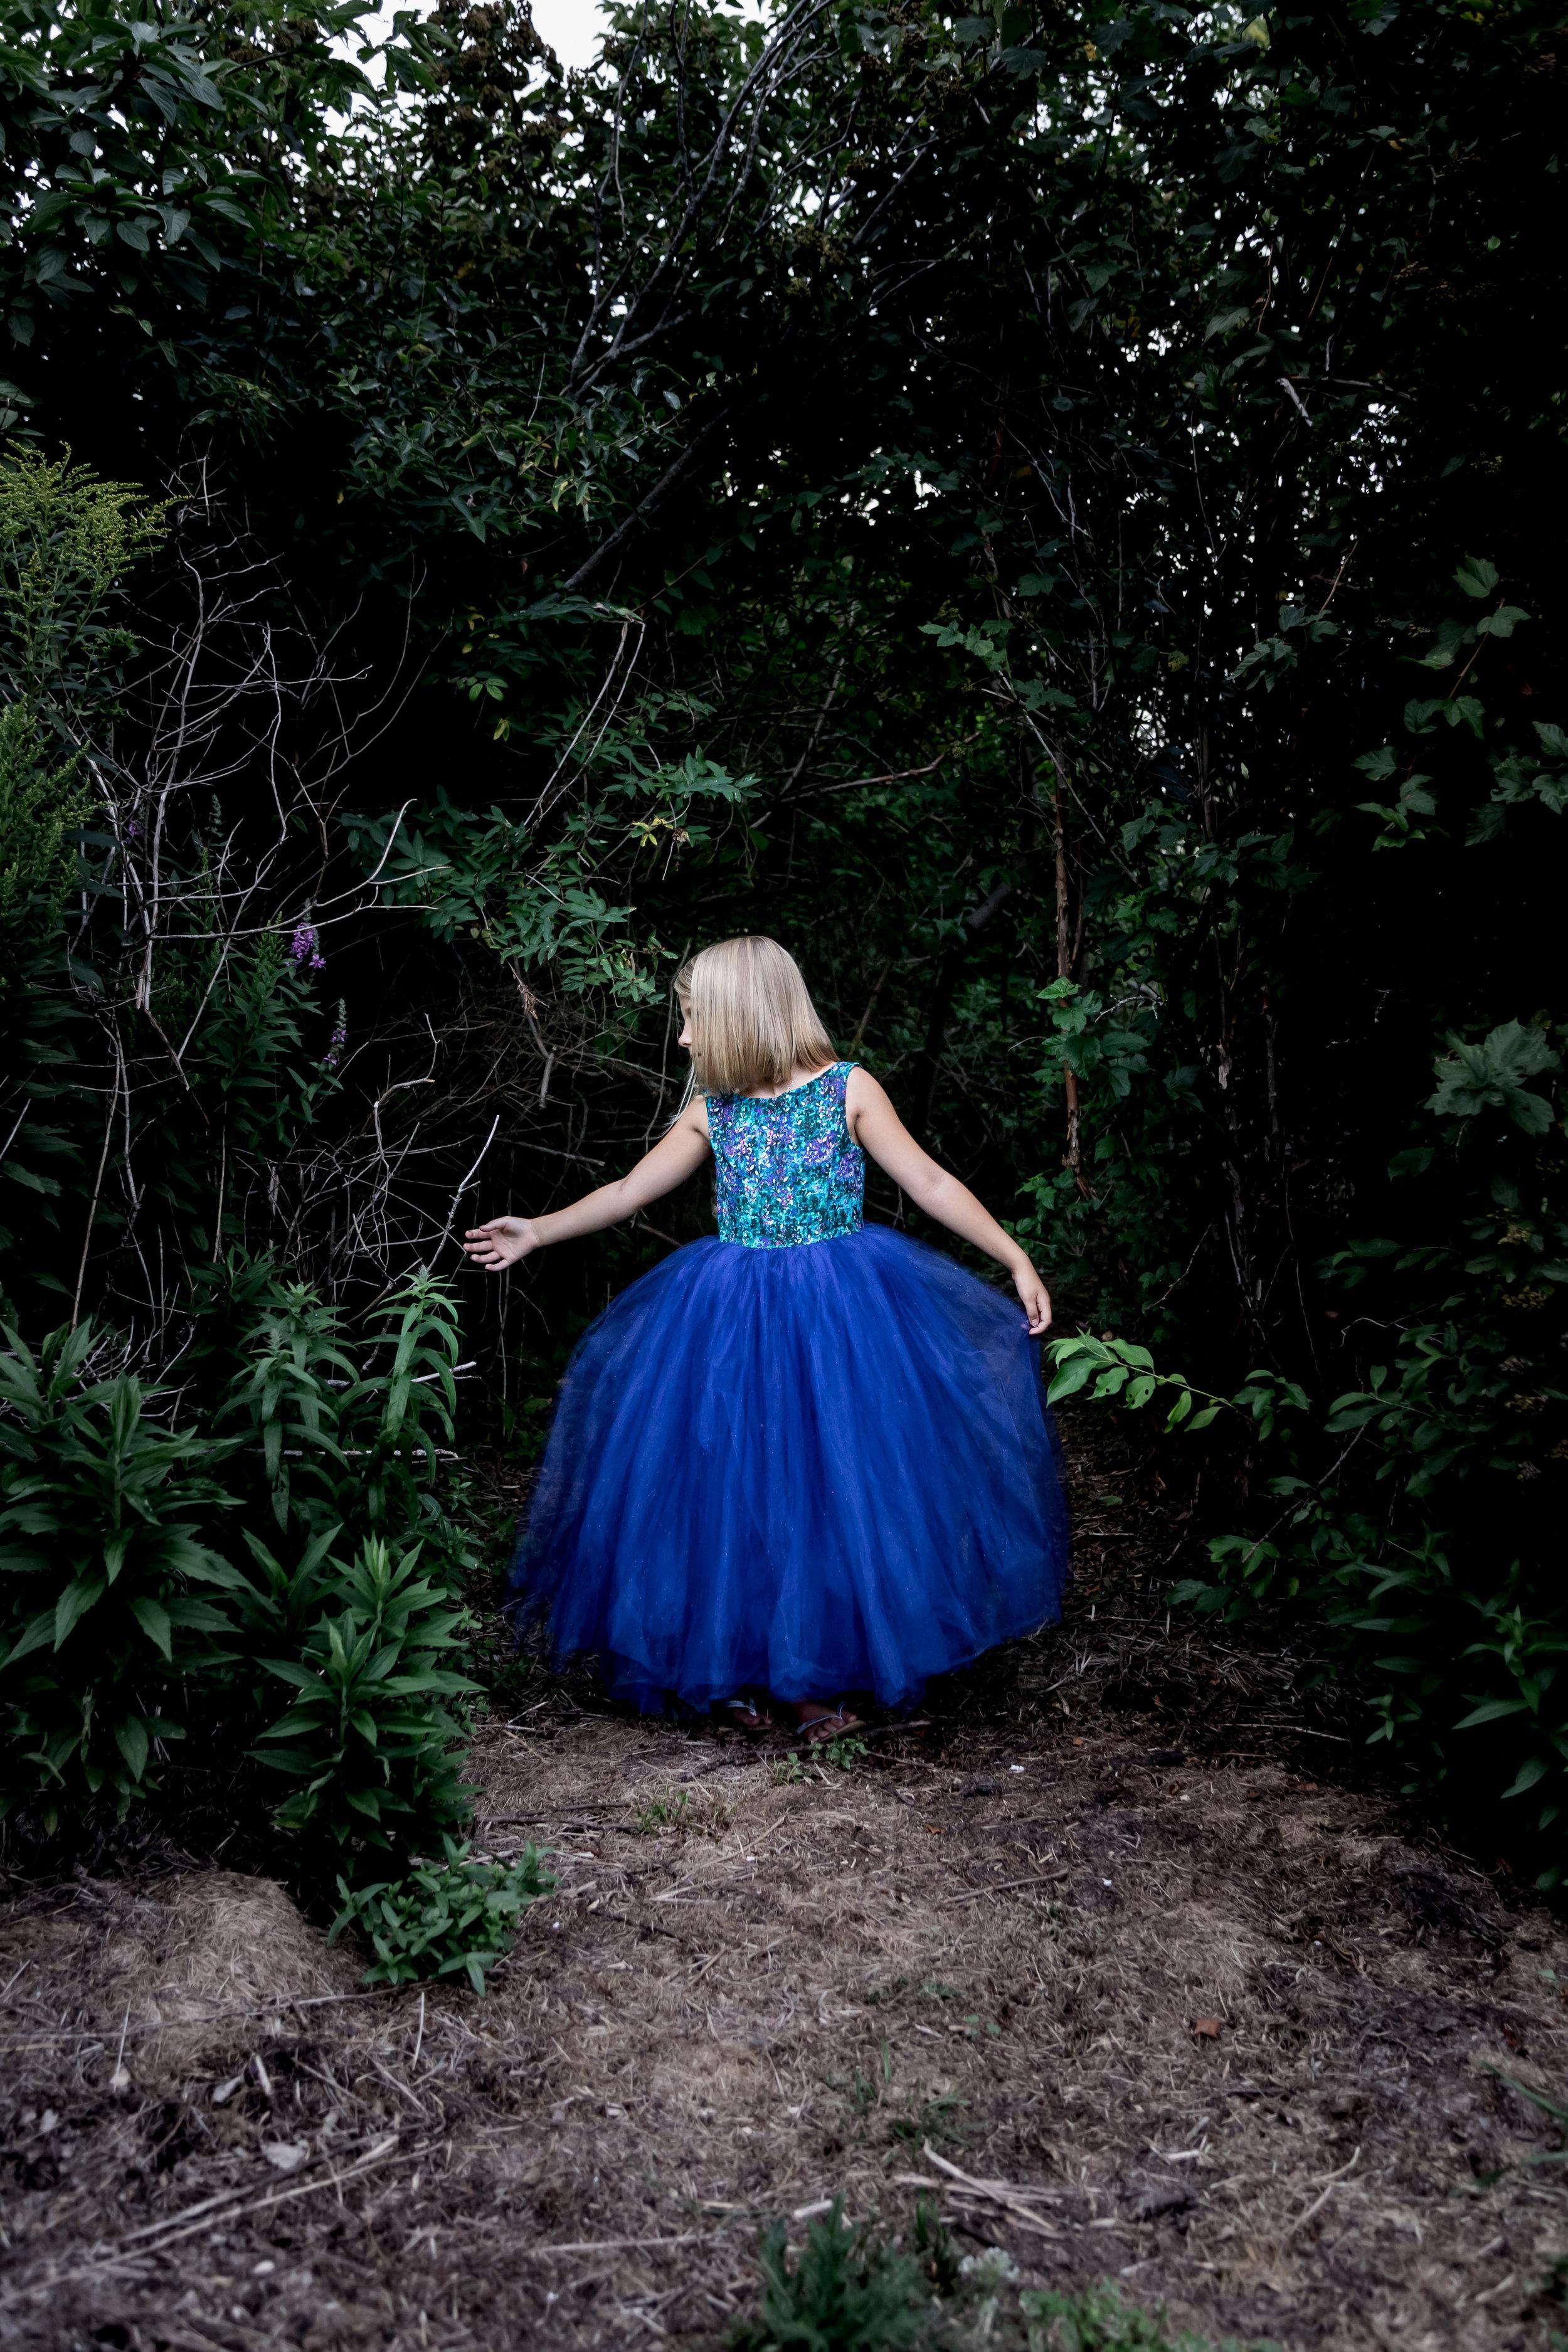 Whimsical Sheboygan Family Photography Session